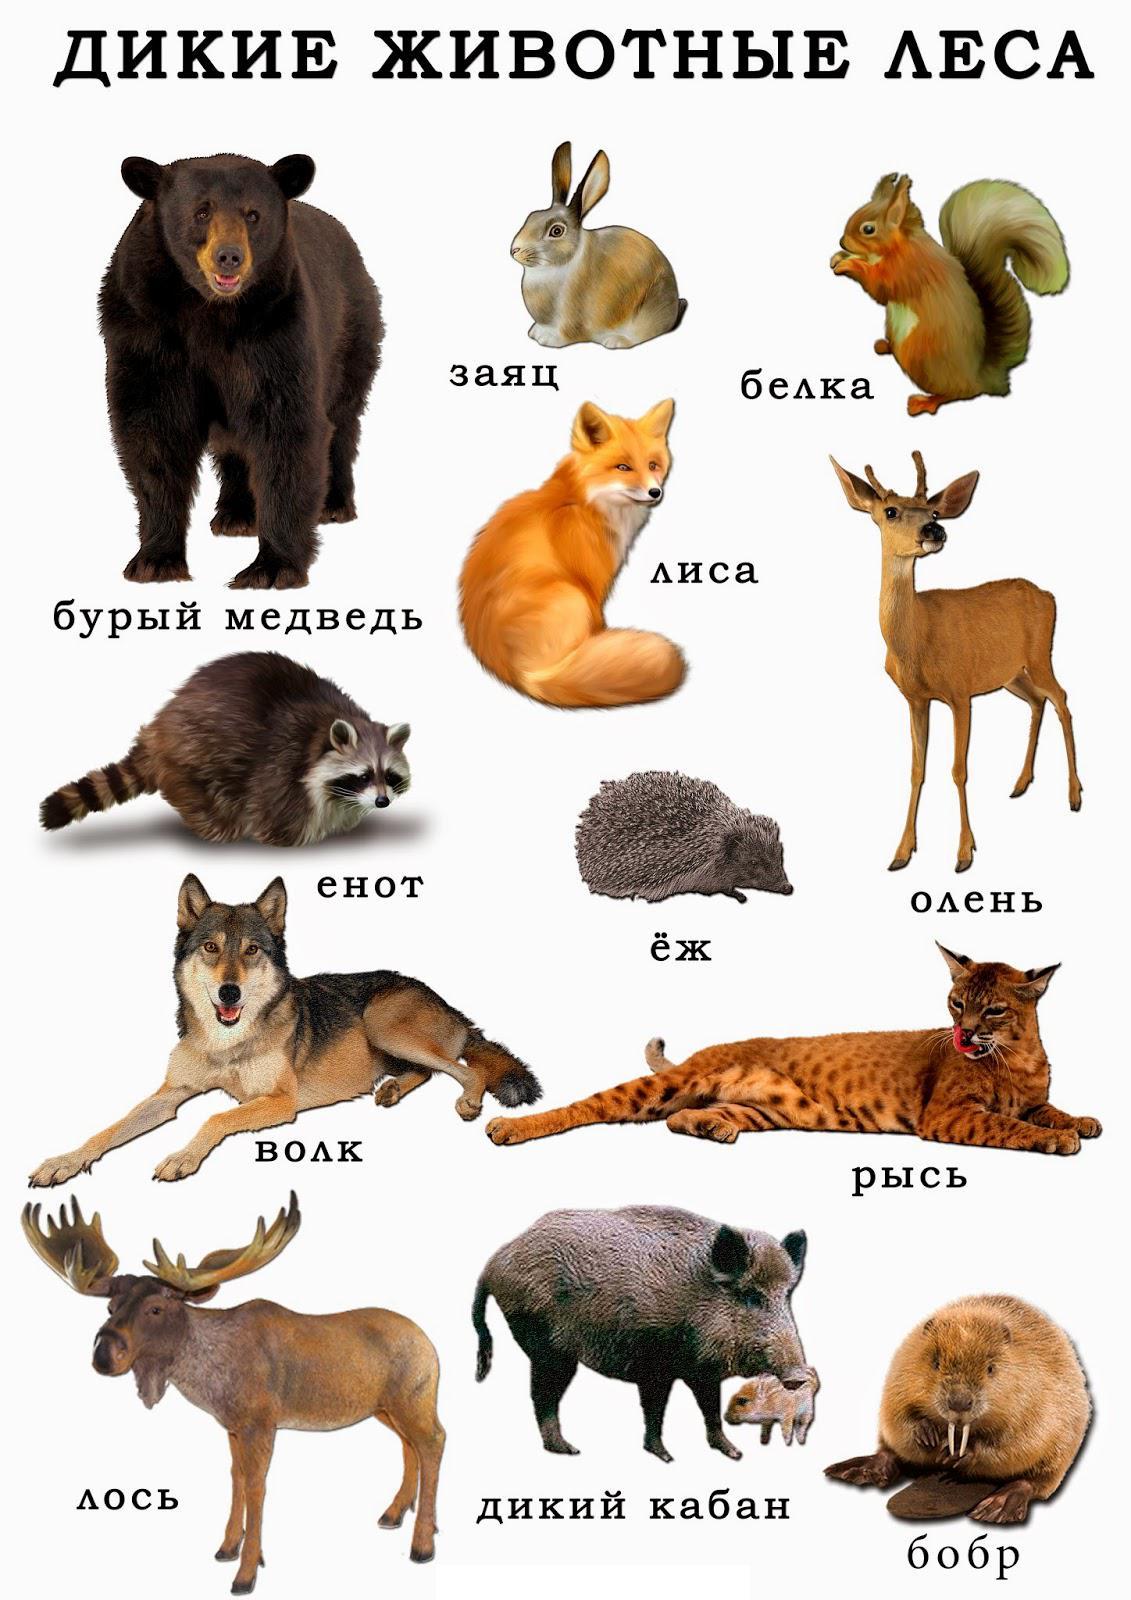 Карточки дикие животные леса, олень, енот, рысь